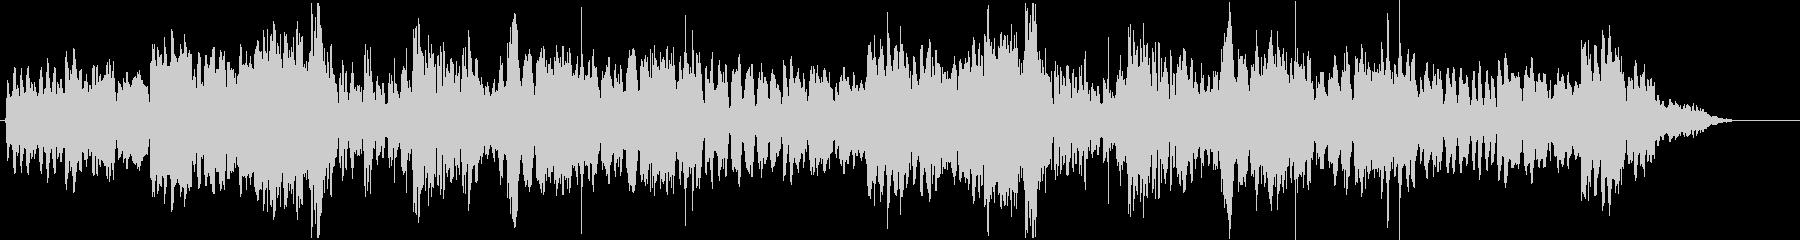 弦楽器/バイオリン/ヴィオラ/チェロ等の未再生の波形